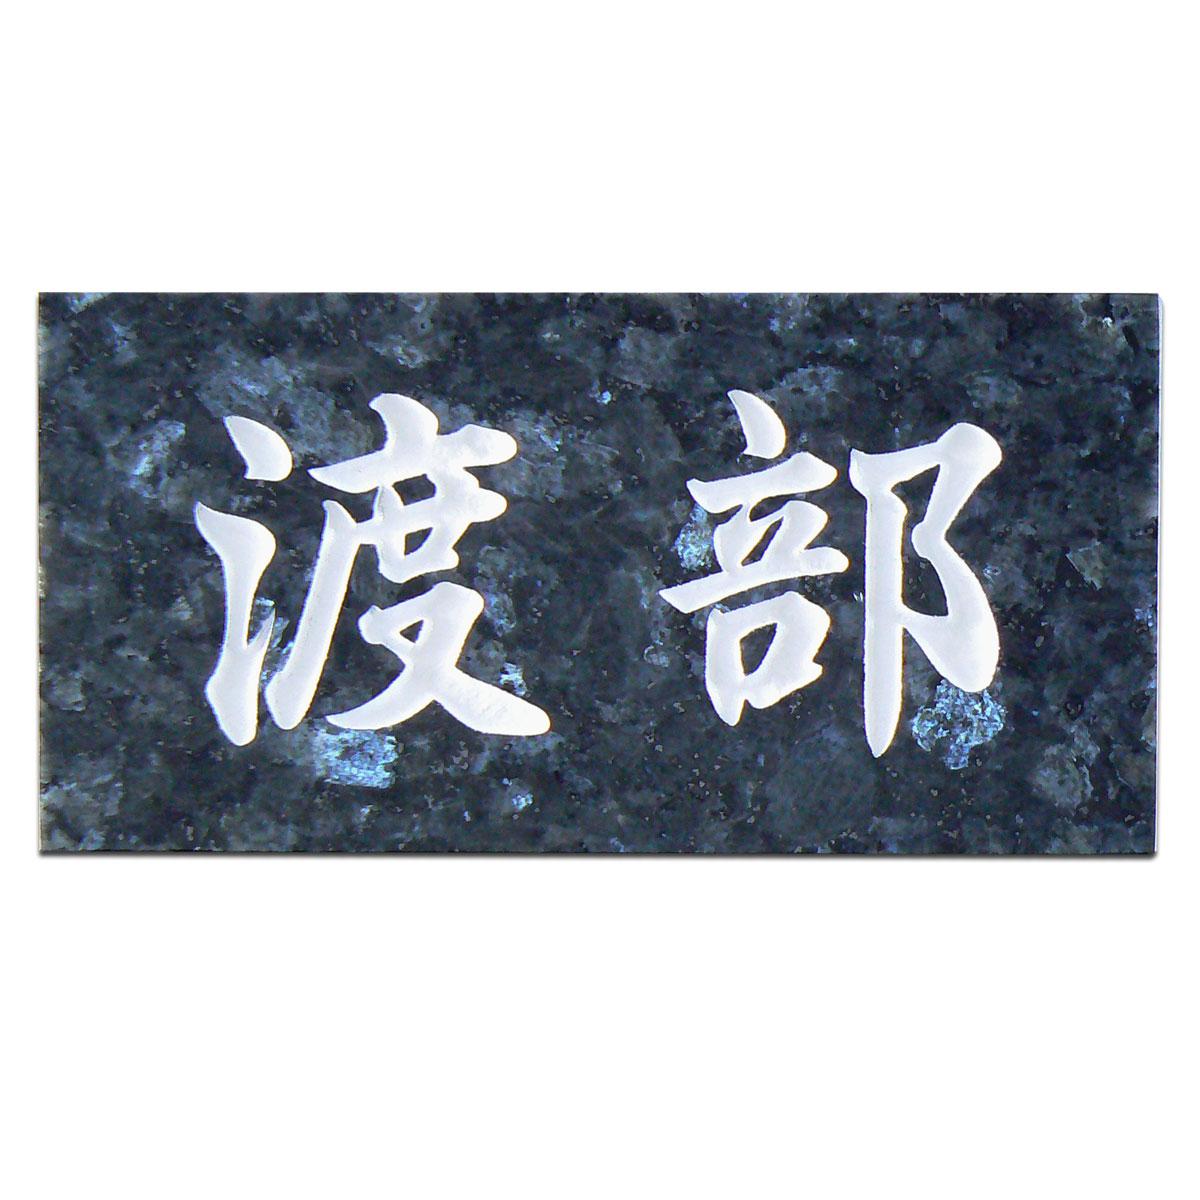 特厚表札(25mm厚)天然石スタンダードシンプルな石の表札ブルーパール 【送料無料】